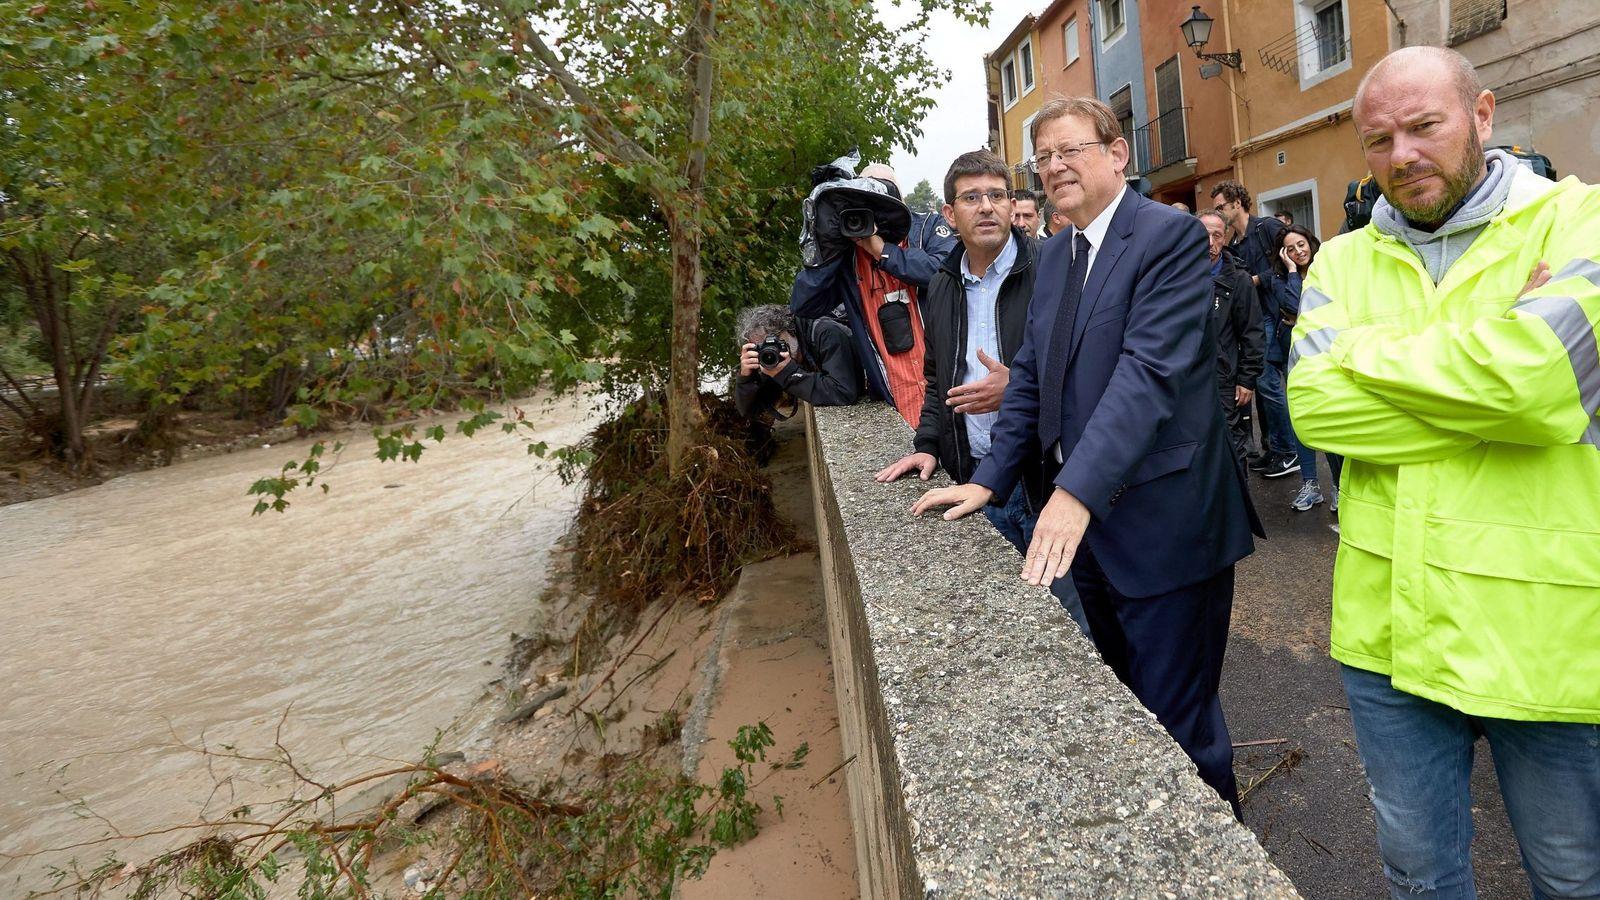 Foto: El presidente de la Generalitat, Ximo Puig, visita los lugares afectados junto al alcalde de Ontinyent, Jorge Rodríguez. (EFE)